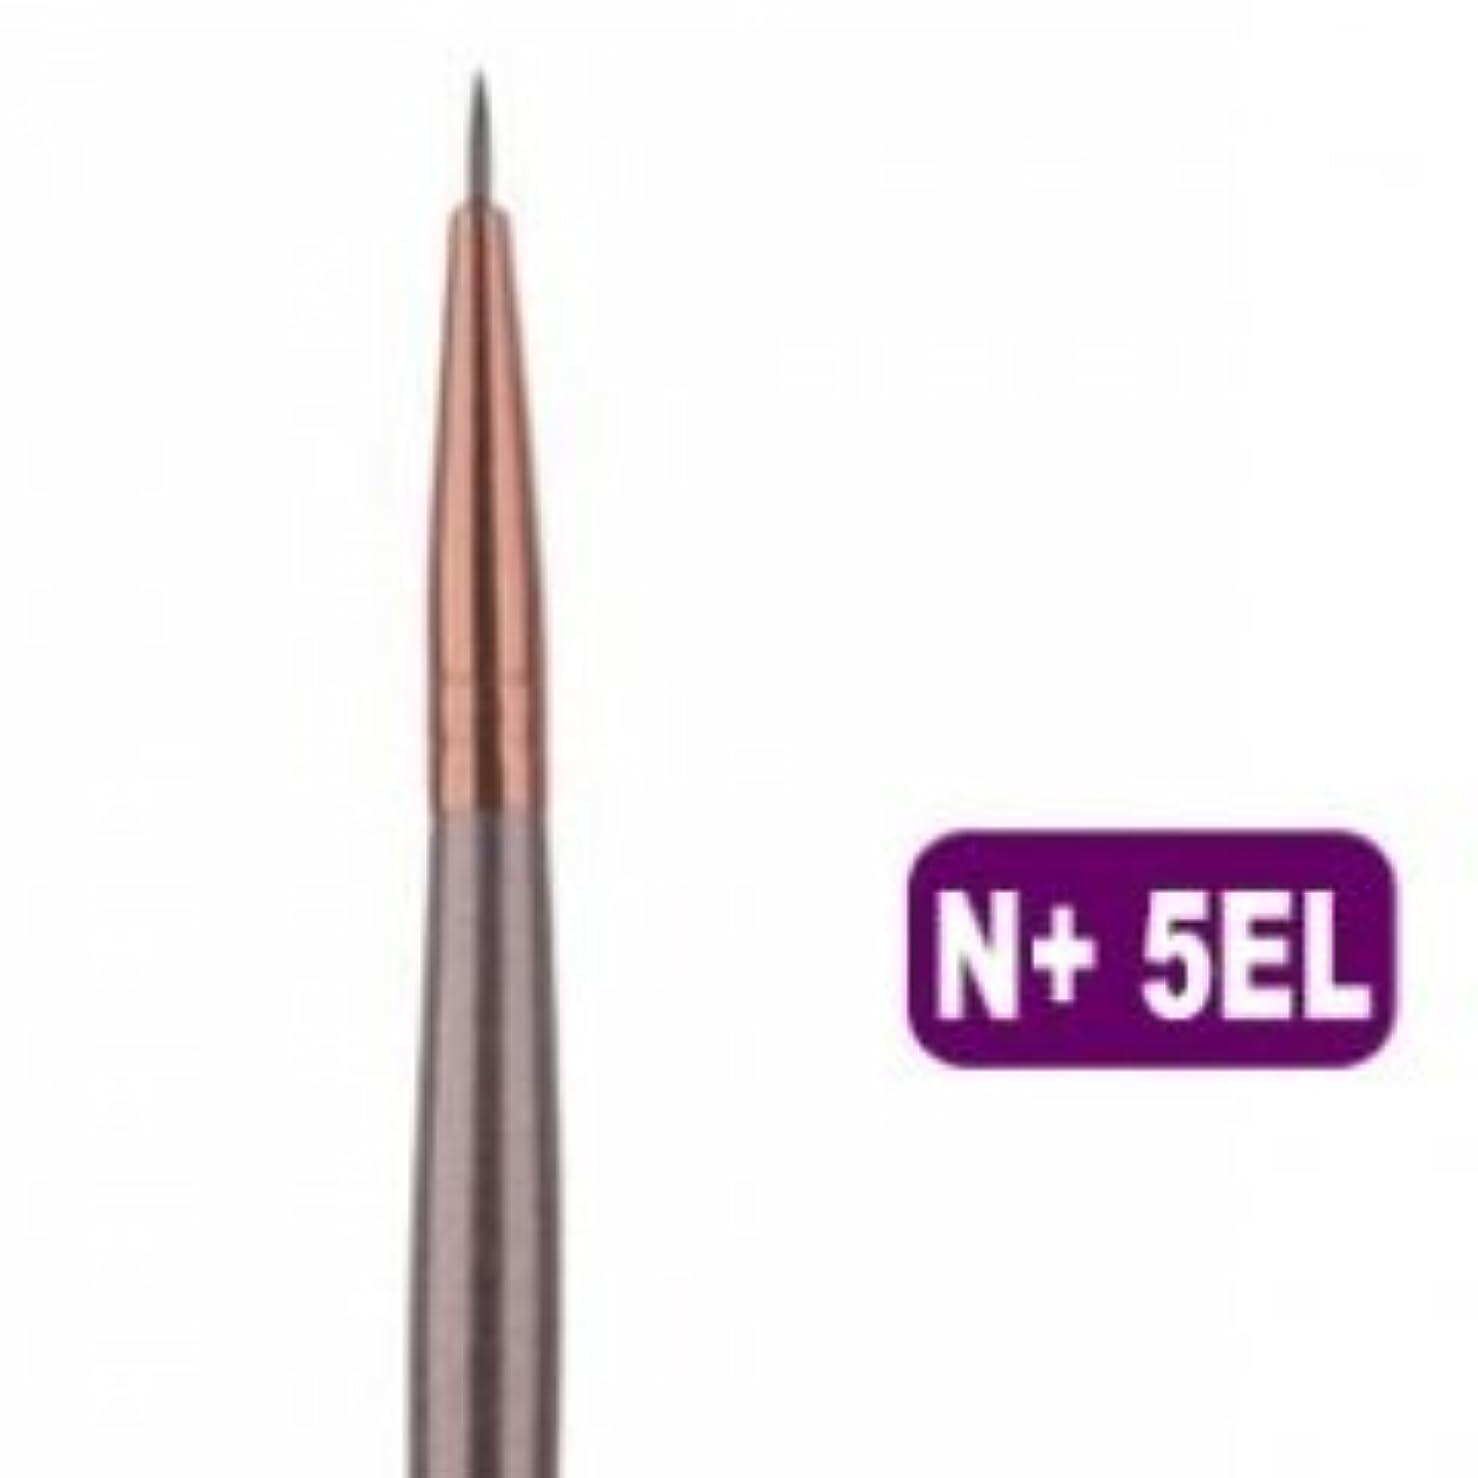 コークスバーゲン別のメイクブラシ 化粧筆 アイラインブラシ 極細 N+ 5EL